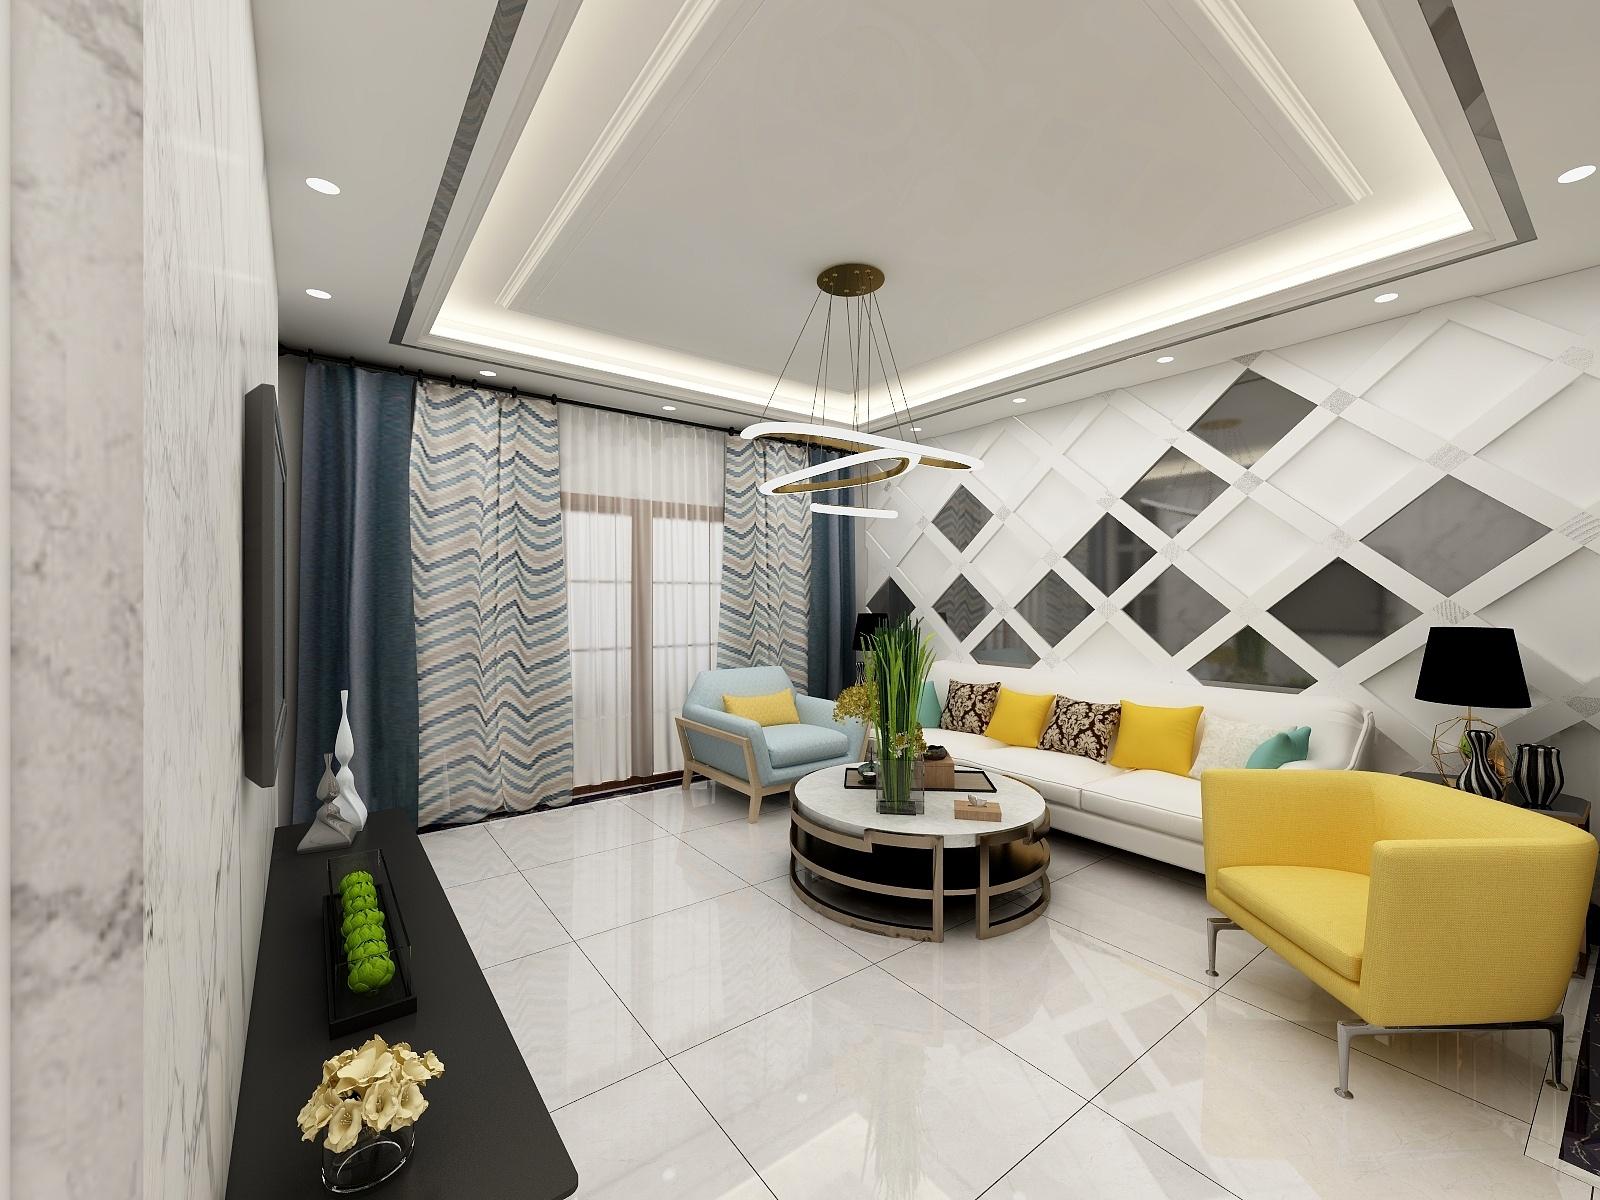 幸福城三室两厅-设计师:李楠